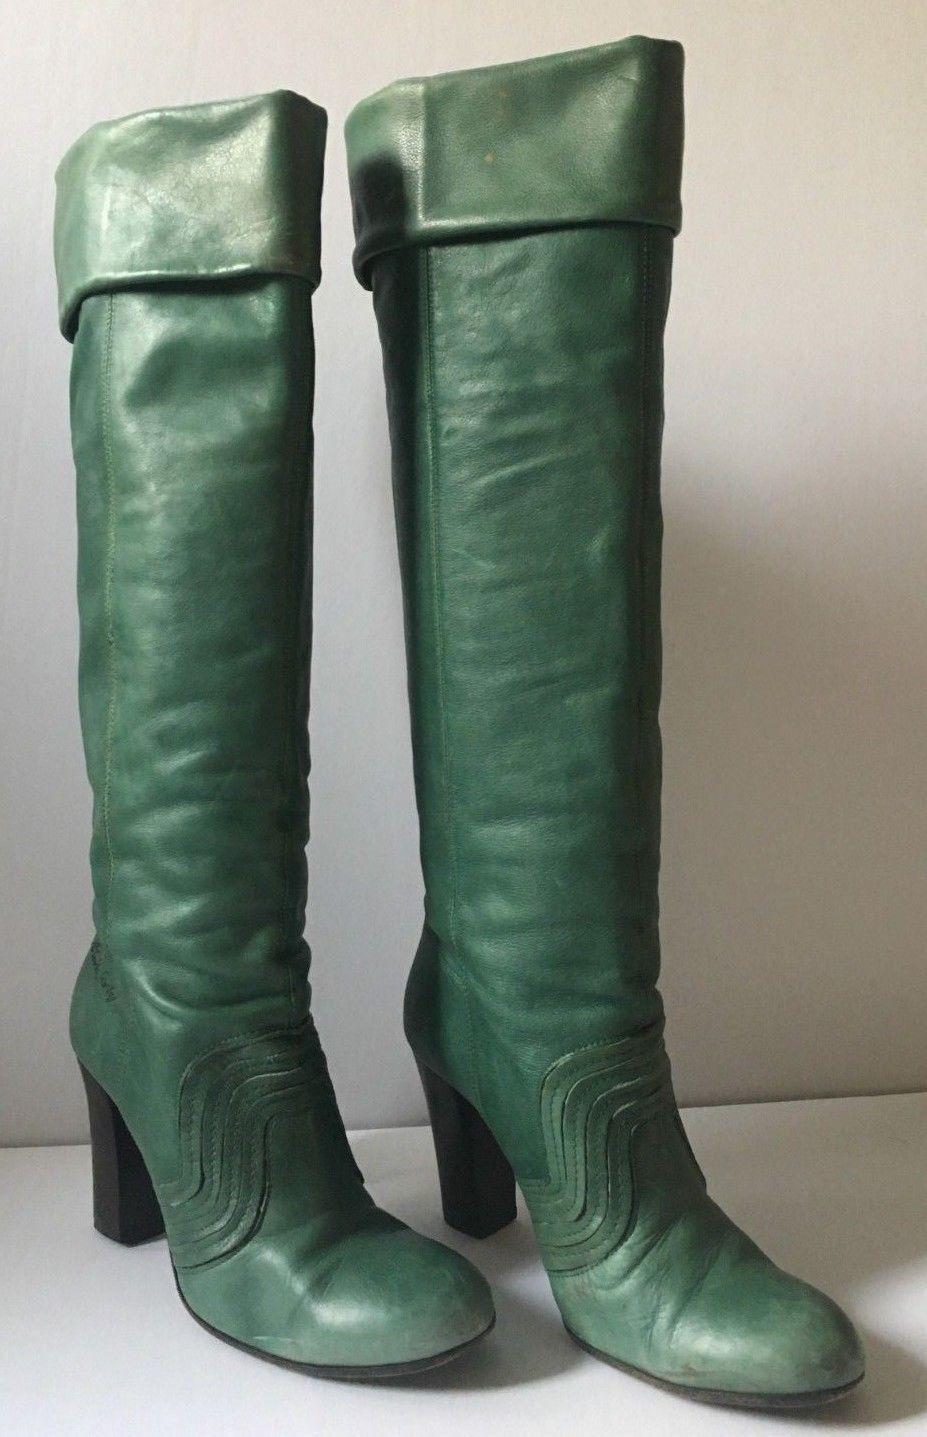 spedizione veloce e miglior servizio Rare Italian verde leather stivali Designer Designer Designer Miss Sixty Dimensione 40 (Dimensione 9) unique  100% nuovo di zecca con qualità originale